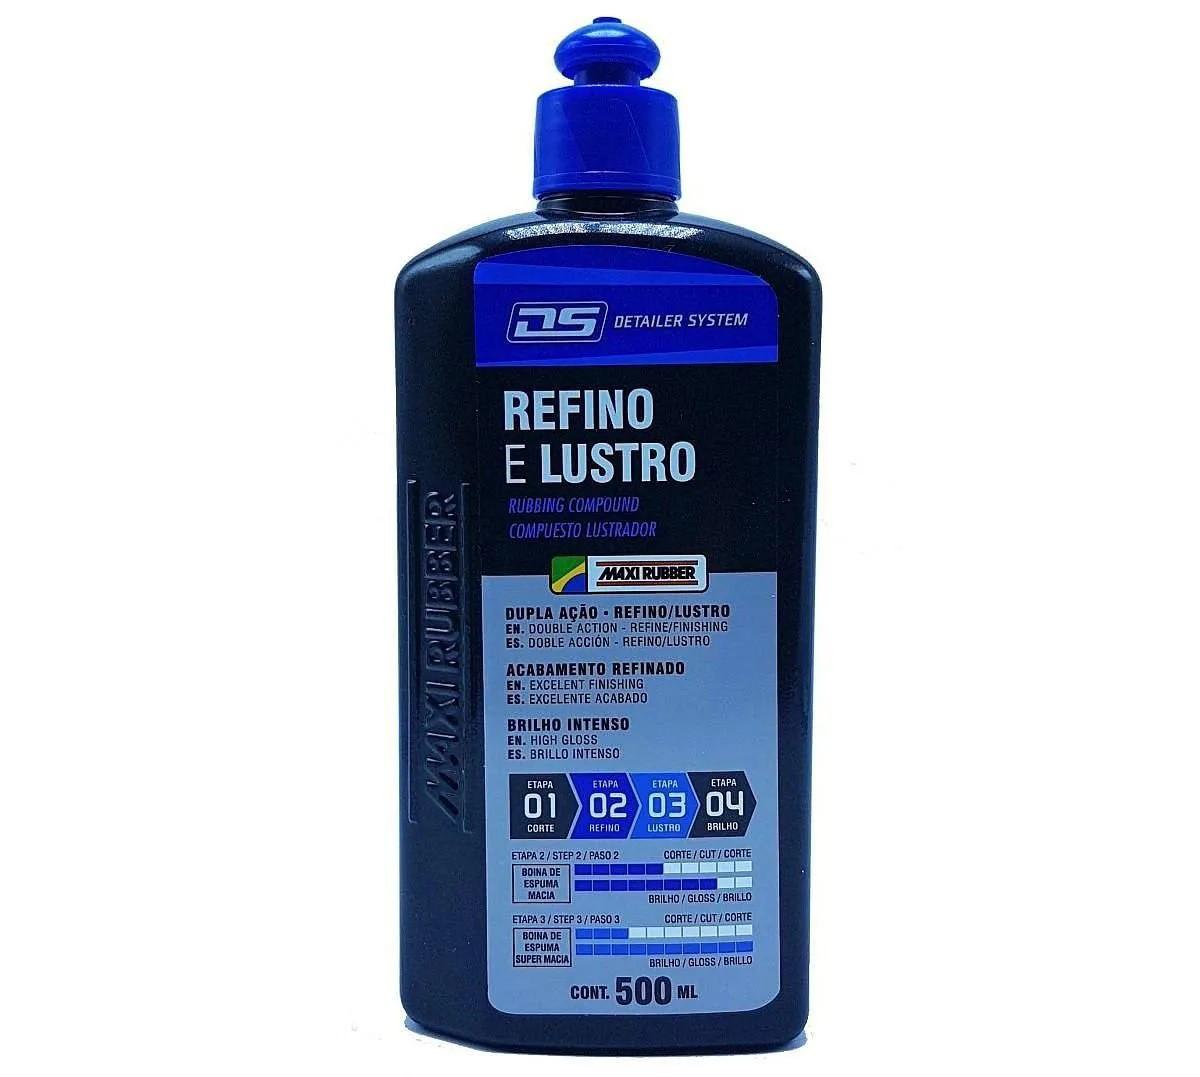 Composto Polidor Refino e Lustro Detailer System 500ml Maxi Rubber